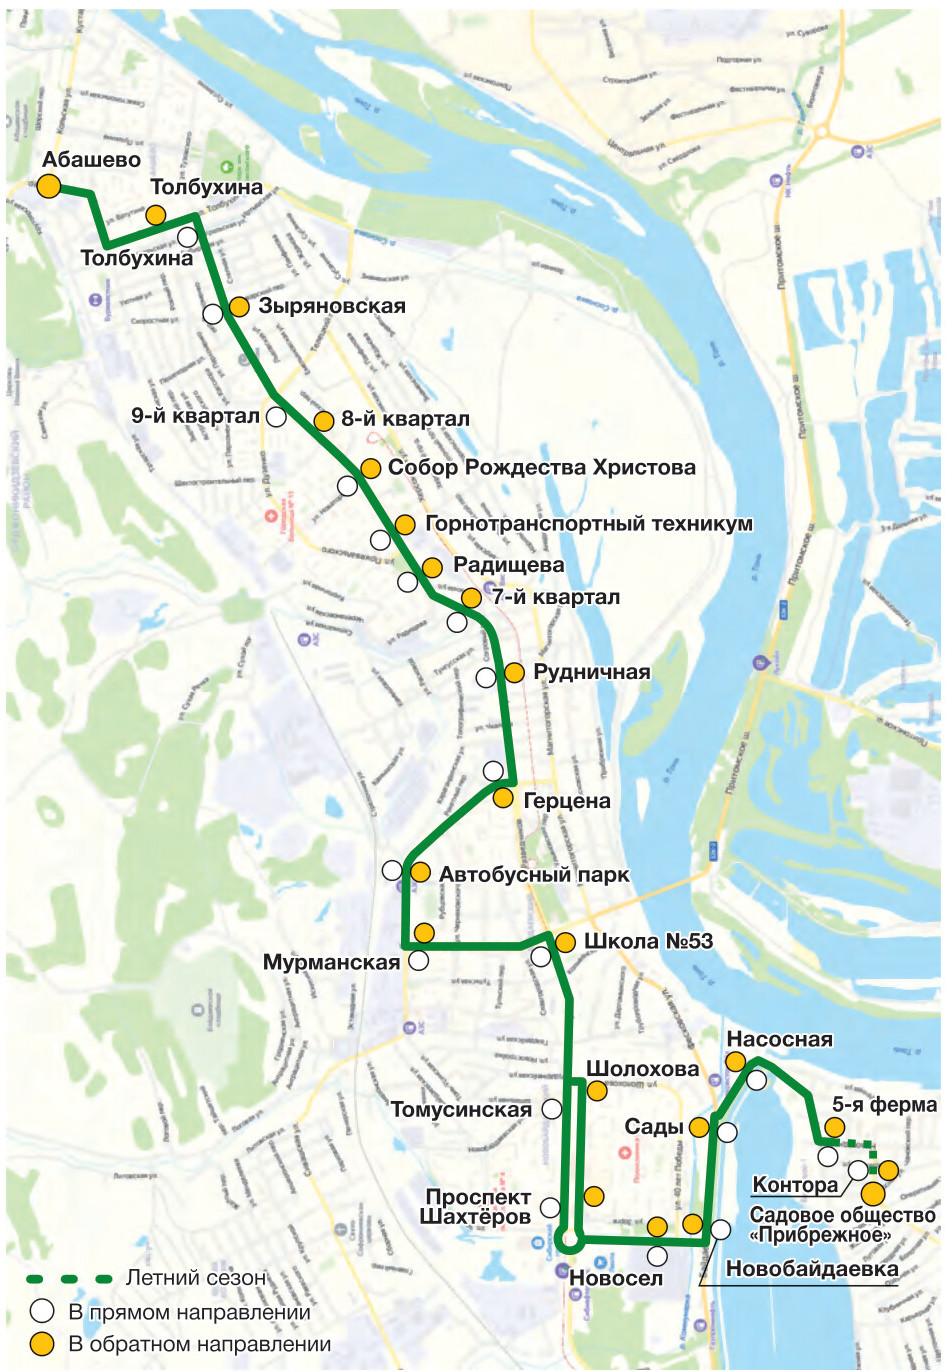 Автобус №13 АБАШЕВО - 5-Я ФЕРМА - С/О ПРИОЗЕРНОЕ | Карта маршрута